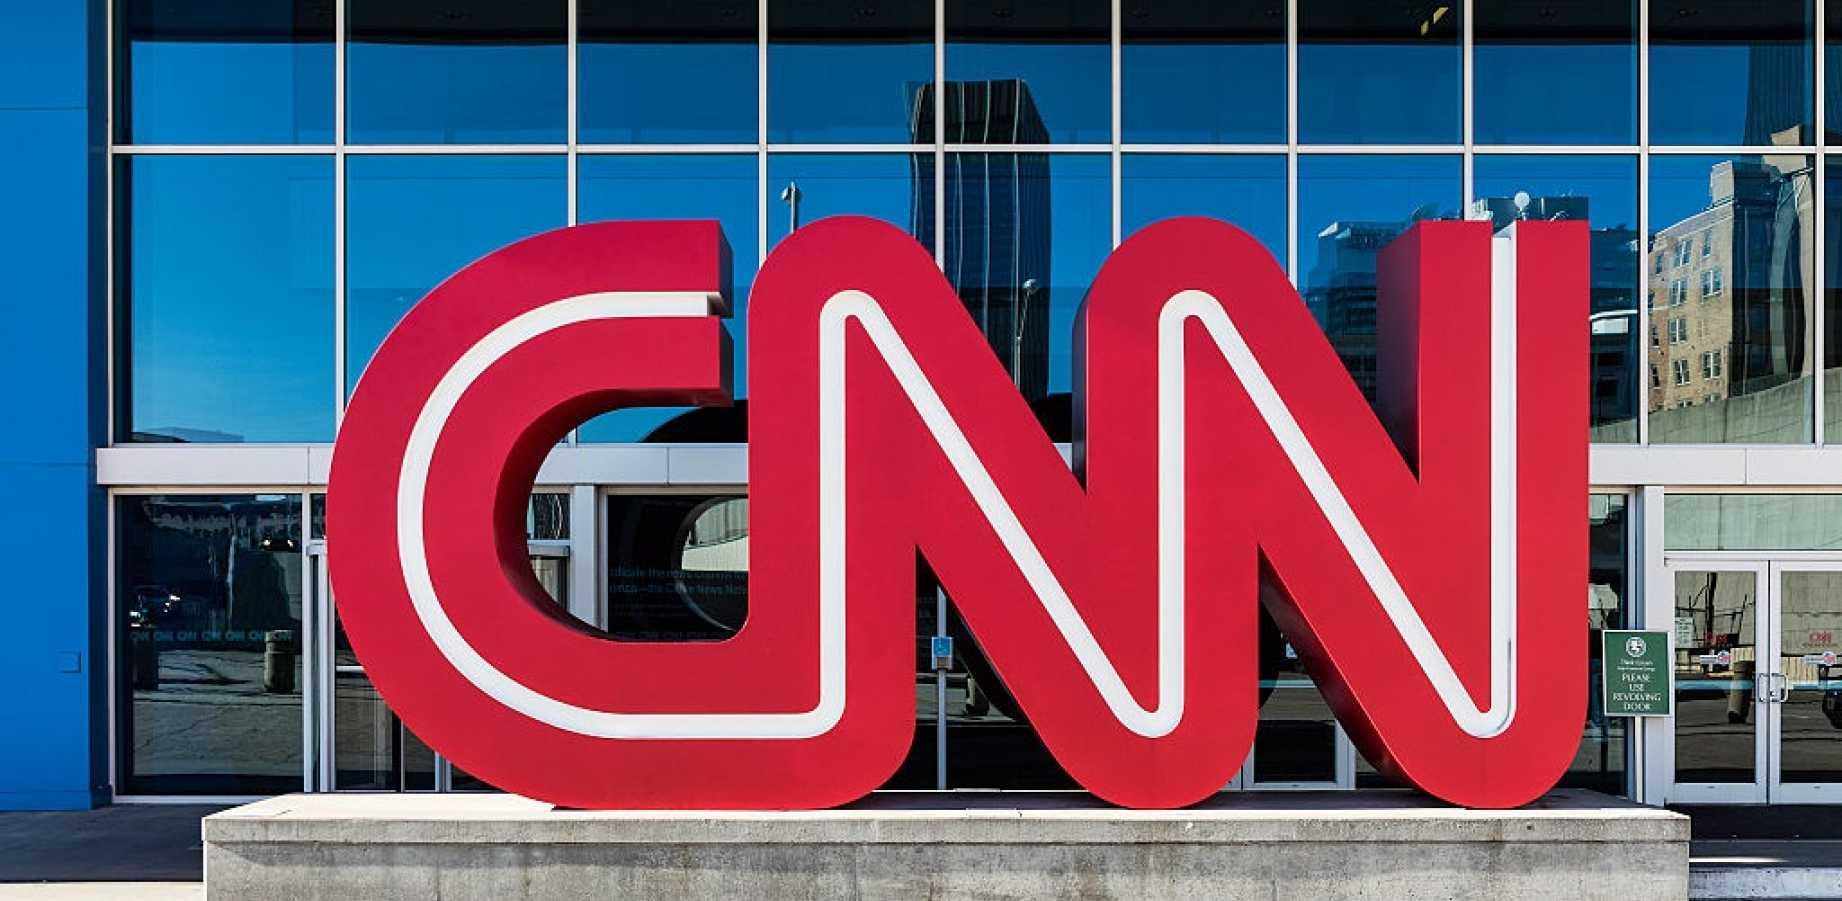 Volgens Trump Zou Cnn Vaker Fake News Brengen Over Het Witte Huis En De